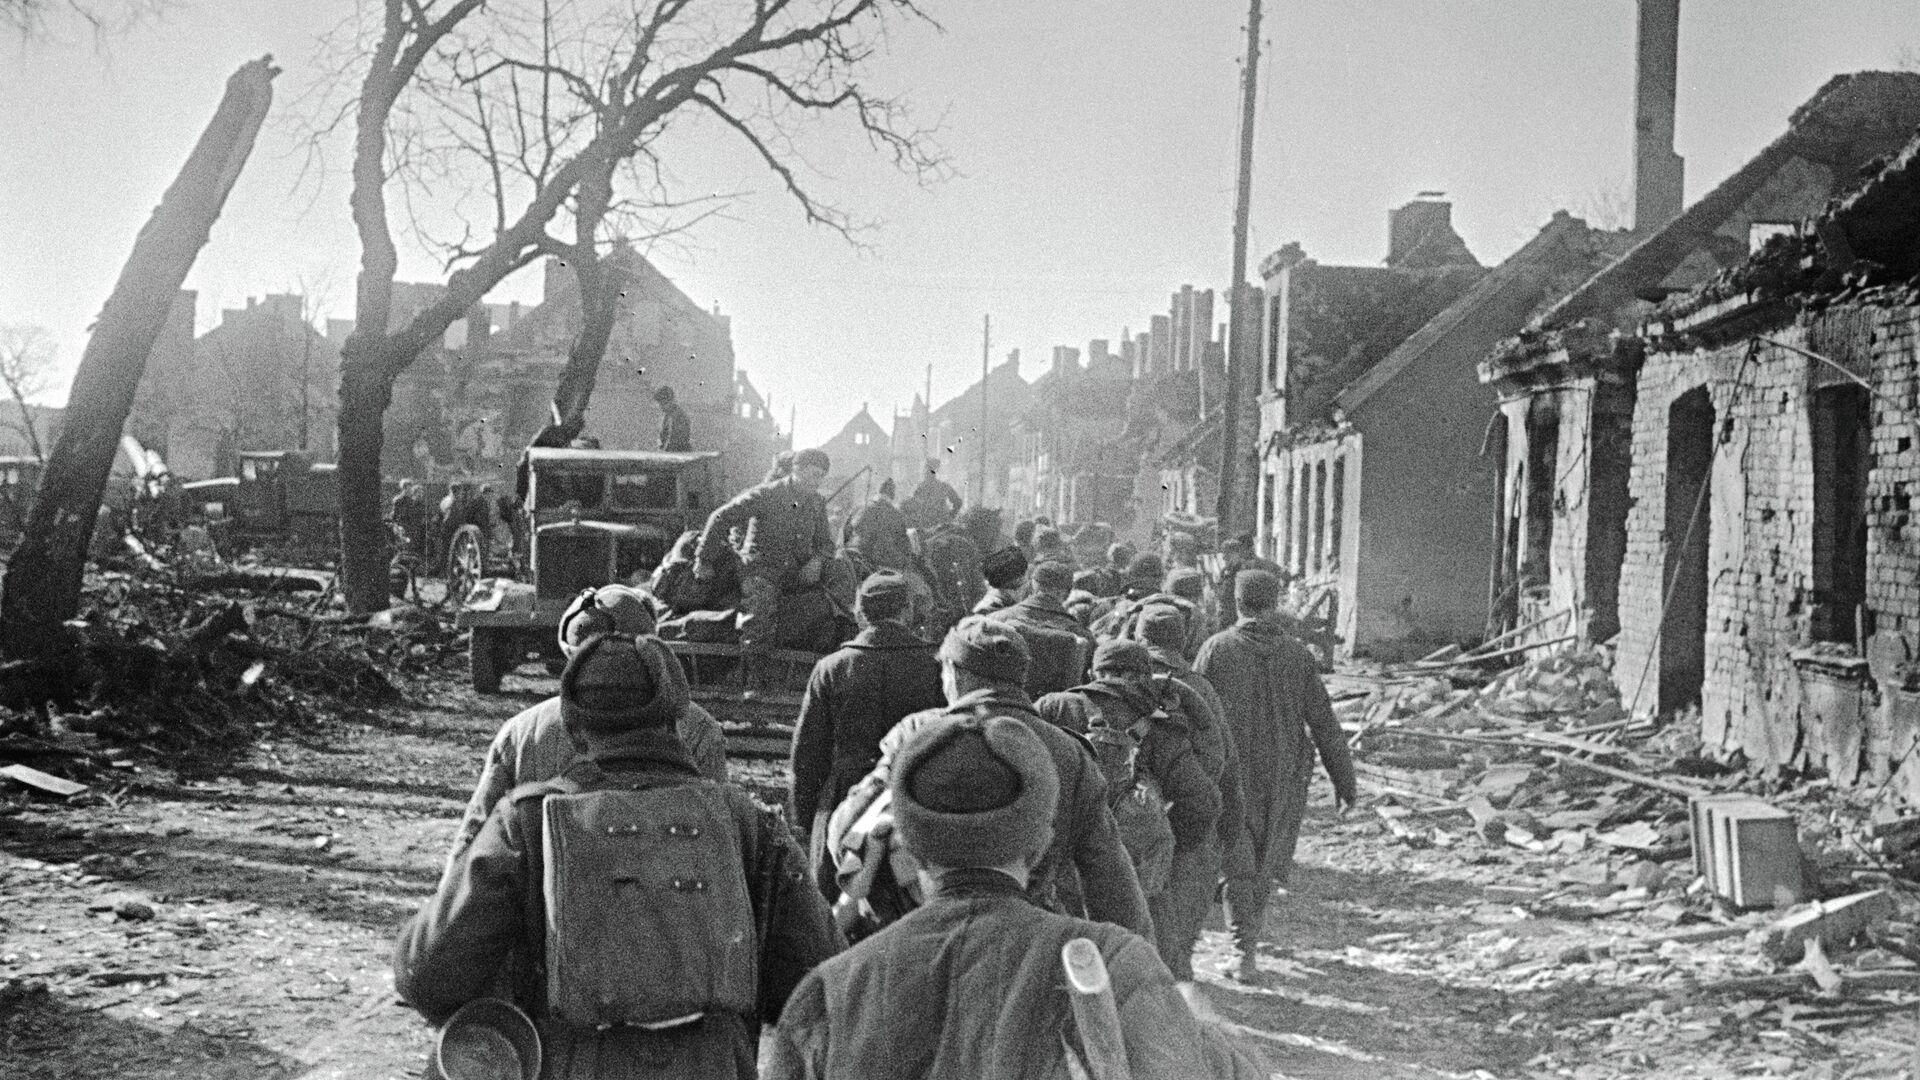 1060737164 0:310:3000:1998 1920x0 80 0 0 9121151c86a0580b70927a4f7e1b0a01 - ФСБ рассказала, как гитлеровцы убивали людей в Восточной Пруссии